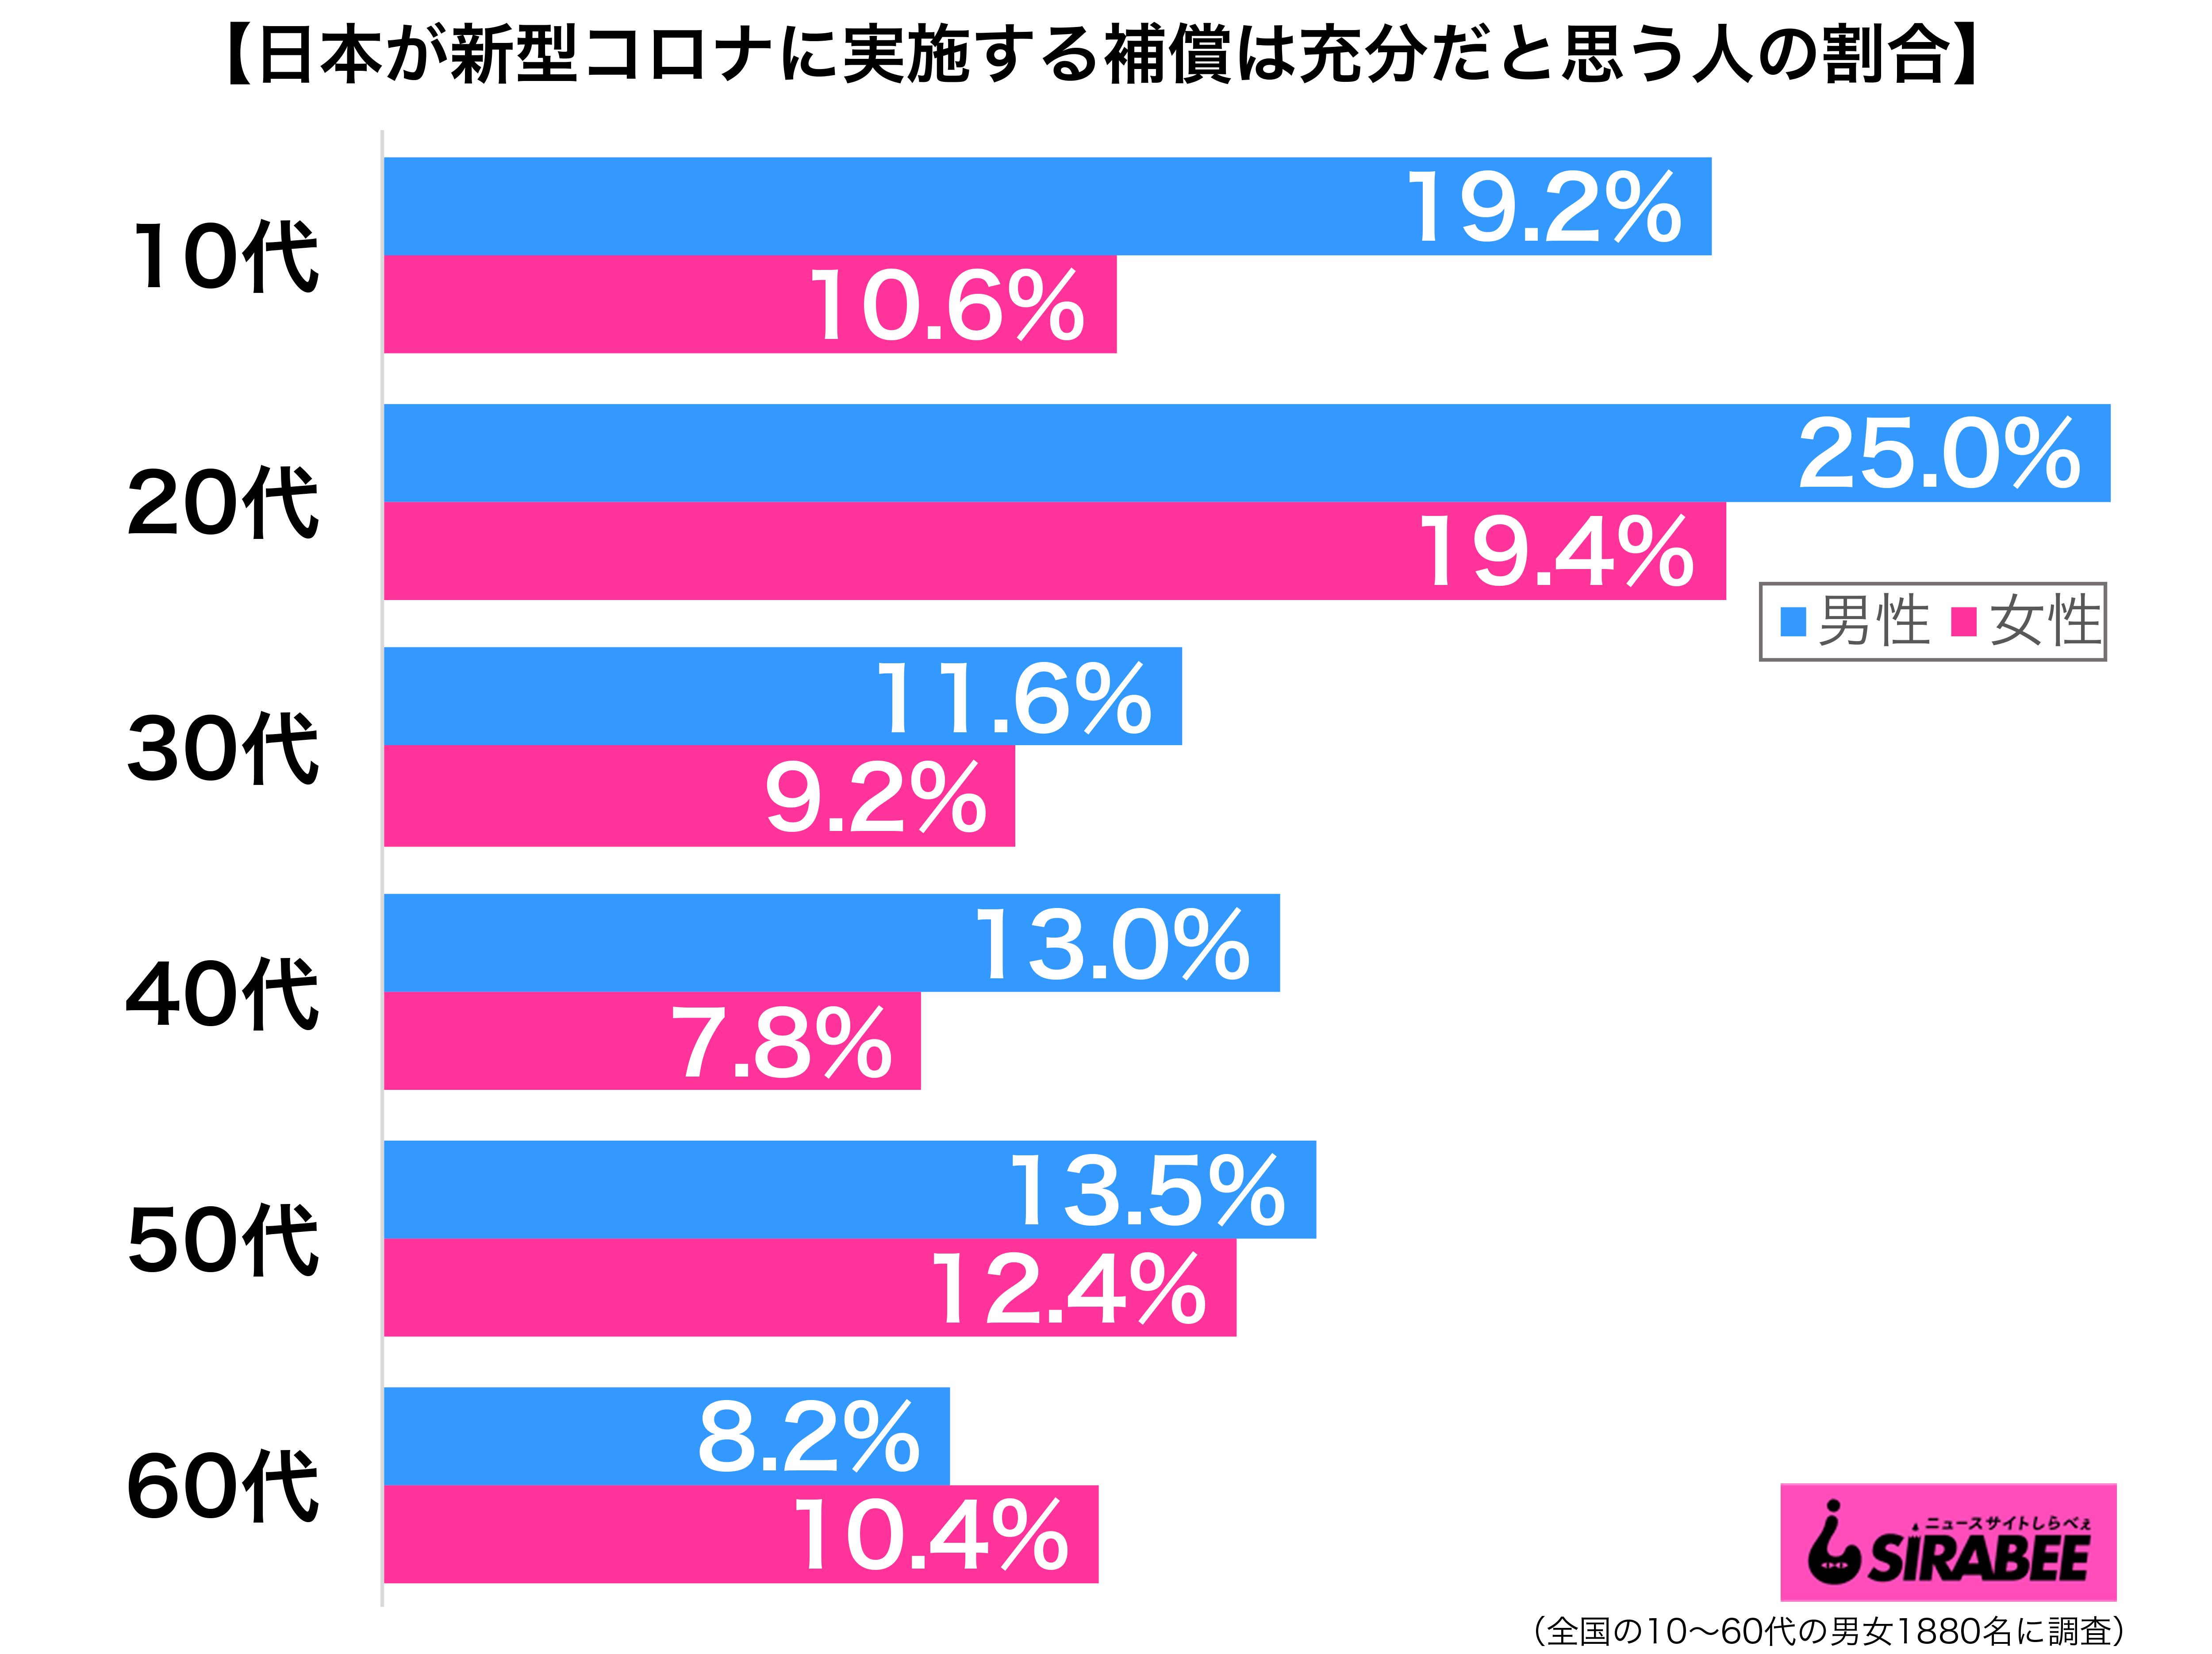 日本が新型コロナウイルスに対して実施する補償は充分だと思う性年代別グラフ